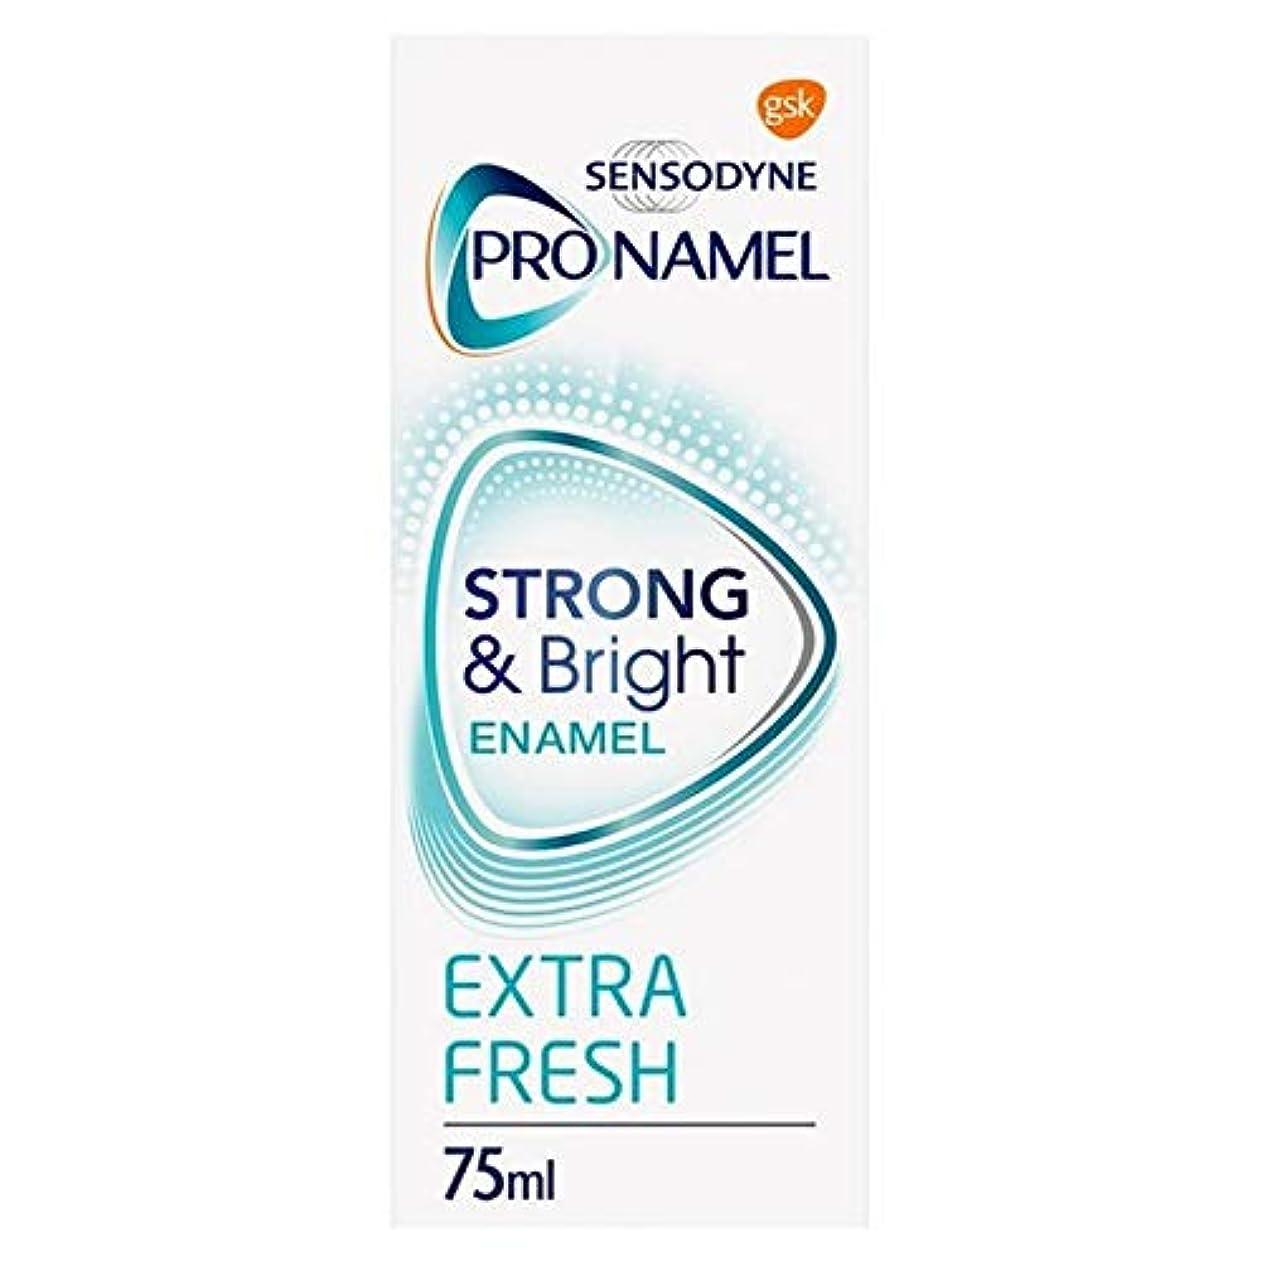 届ける請うオーロック[Sensodyne] SensodyneのPronamel強い&ブライト歯磨き粉75ミリリットル - Sensodyne Pronamel Strong & Bright Toothpaste 75ml [並行輸入品]